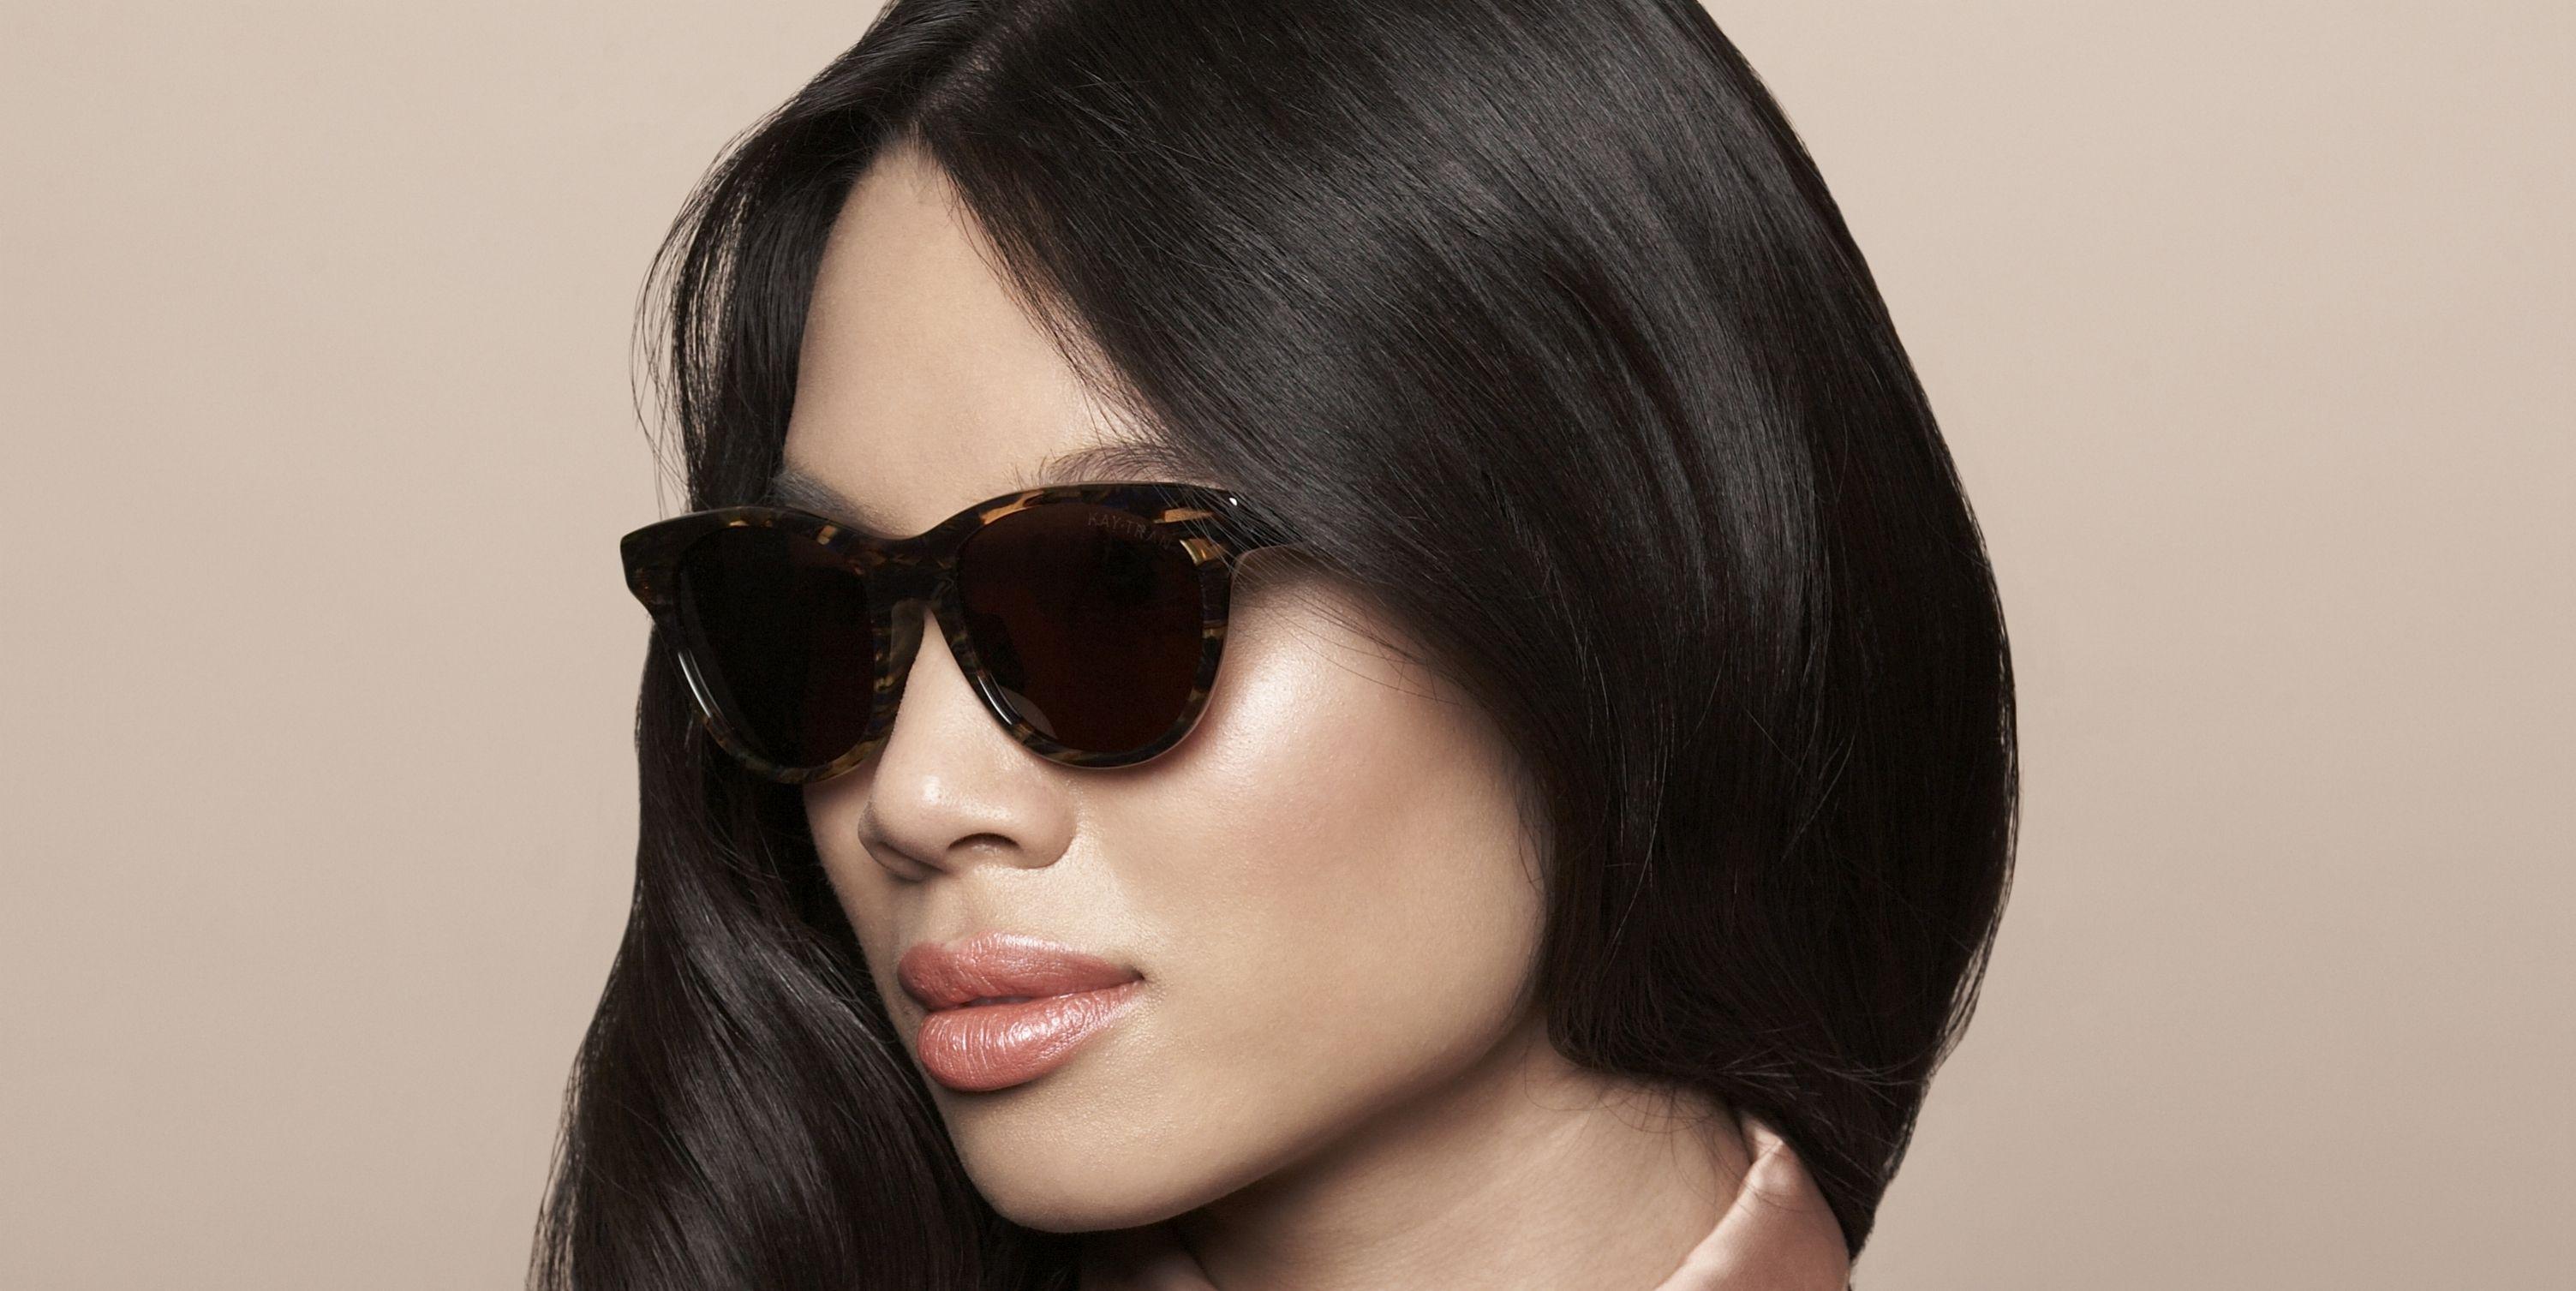 Kay tran sunglasses sunglasses asian fit sunglasses